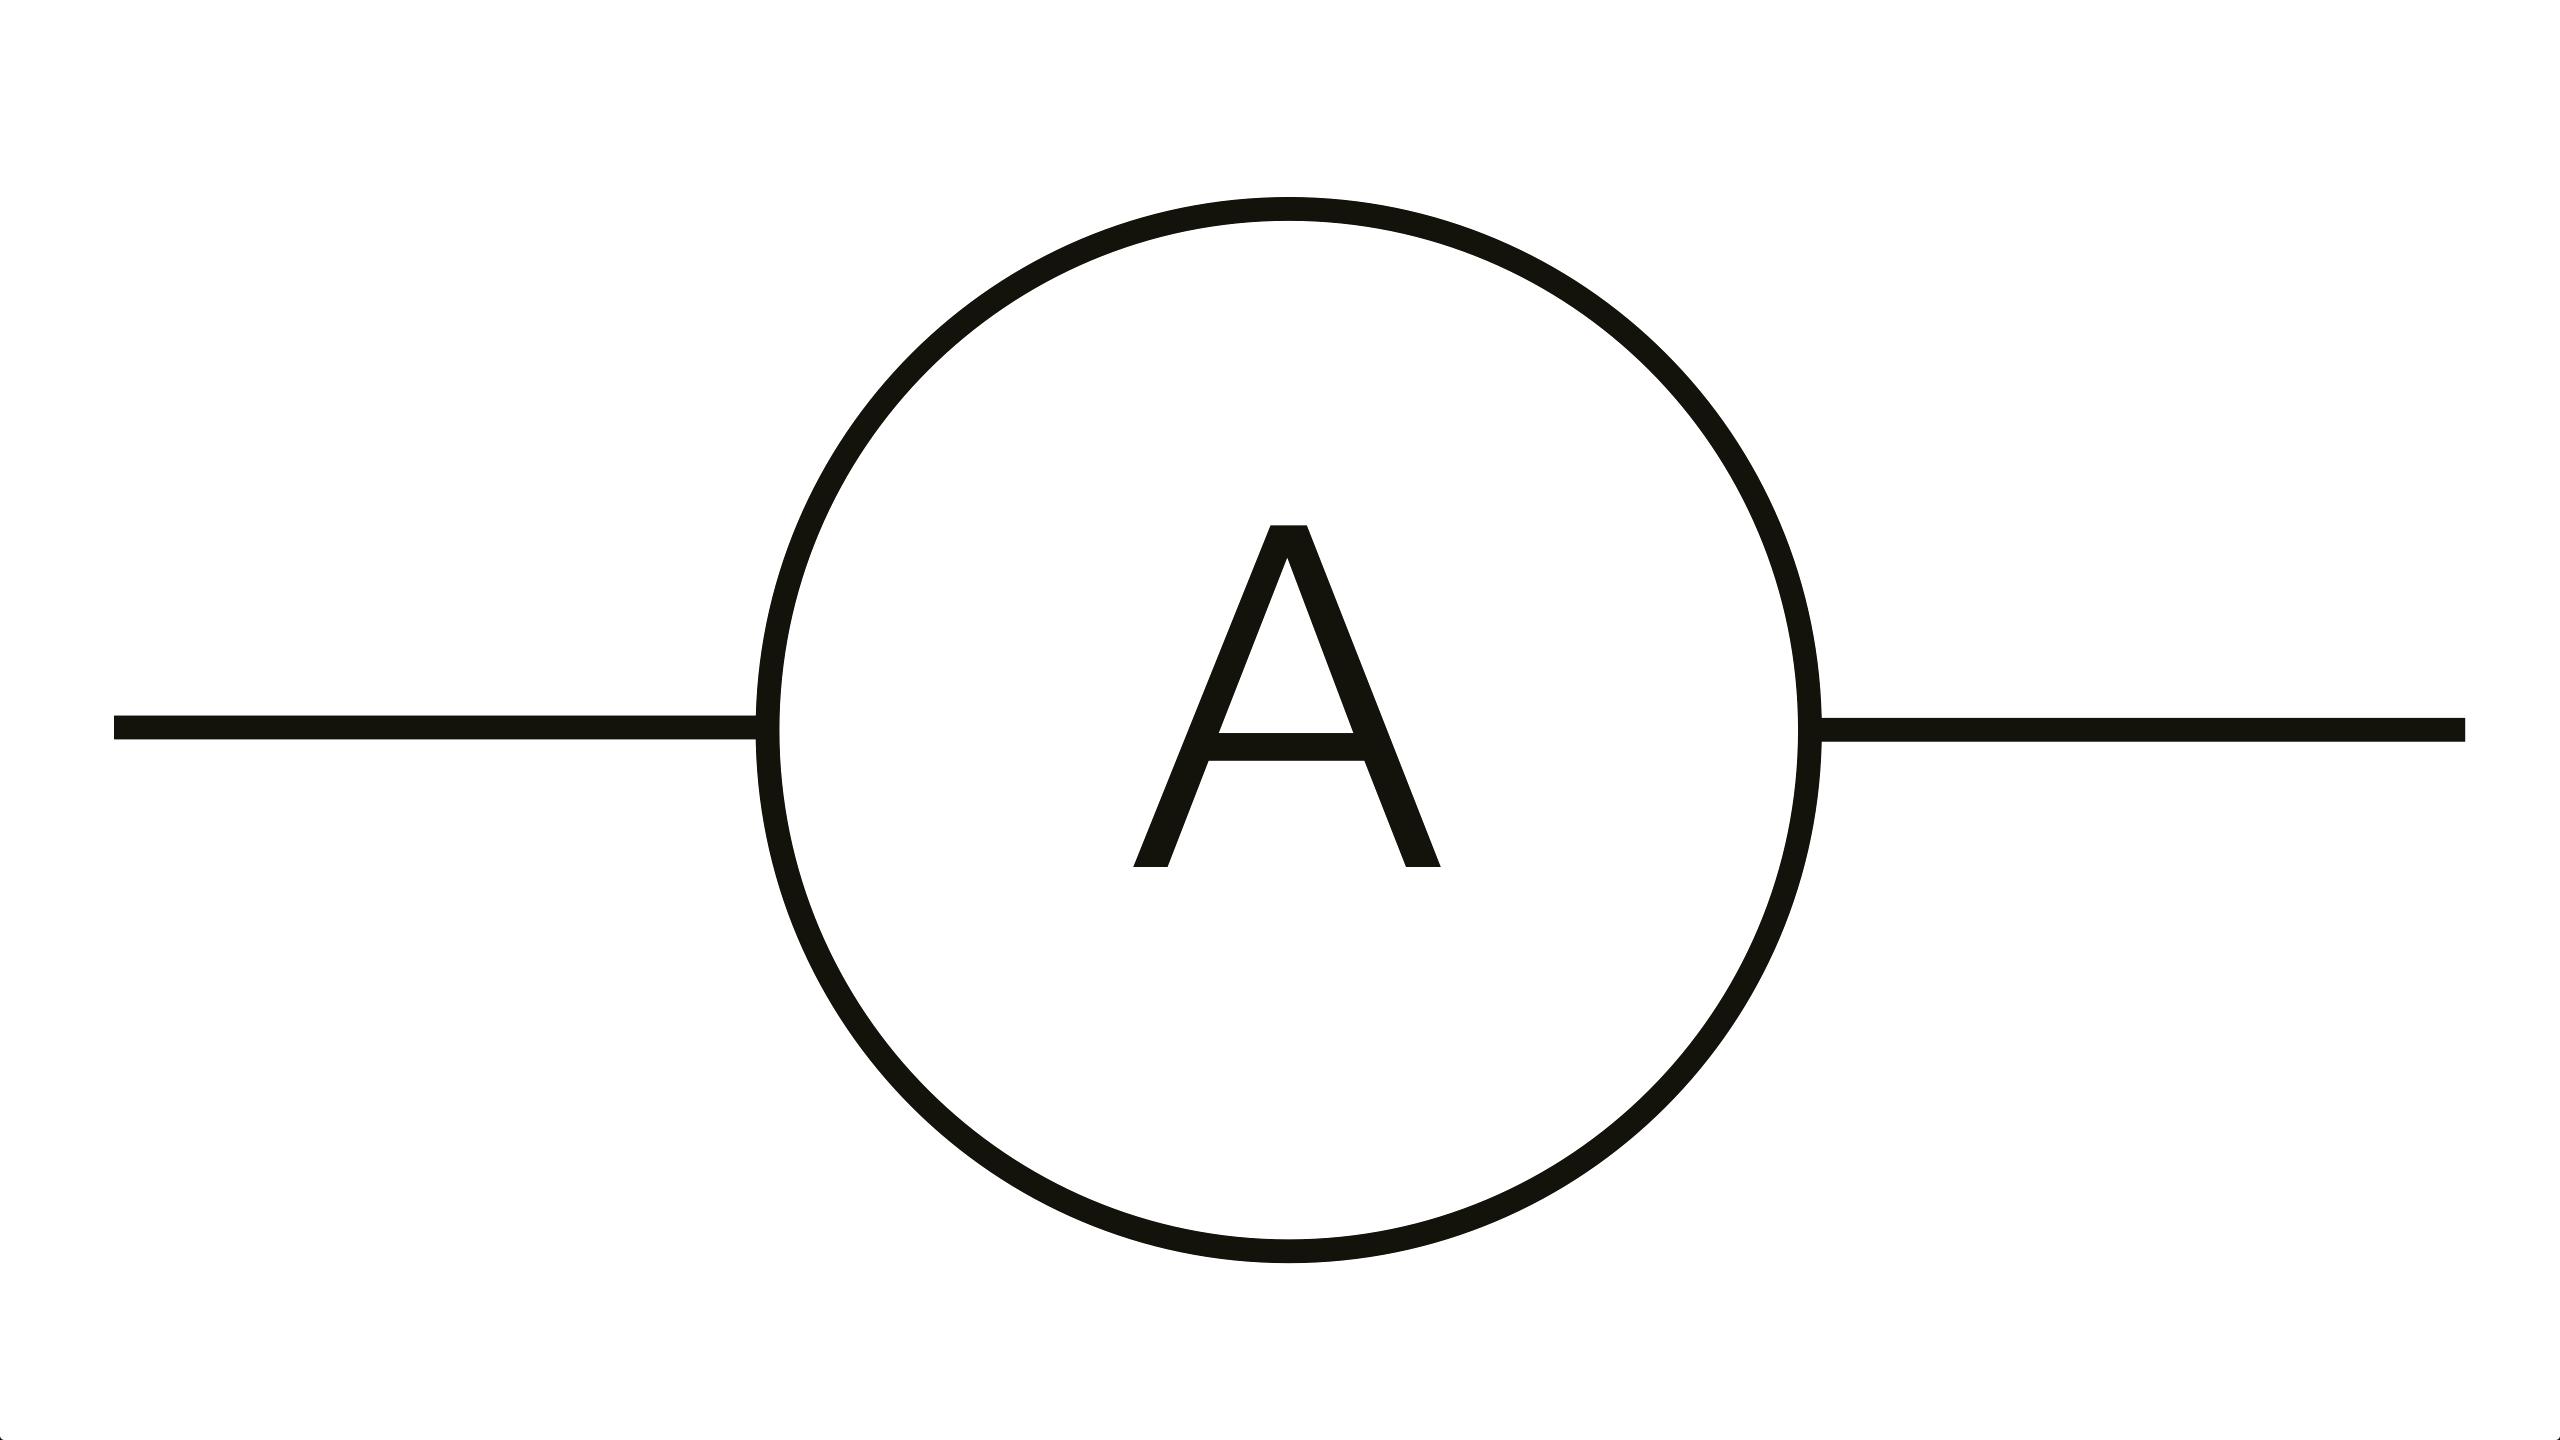 Symbol For Ammeter